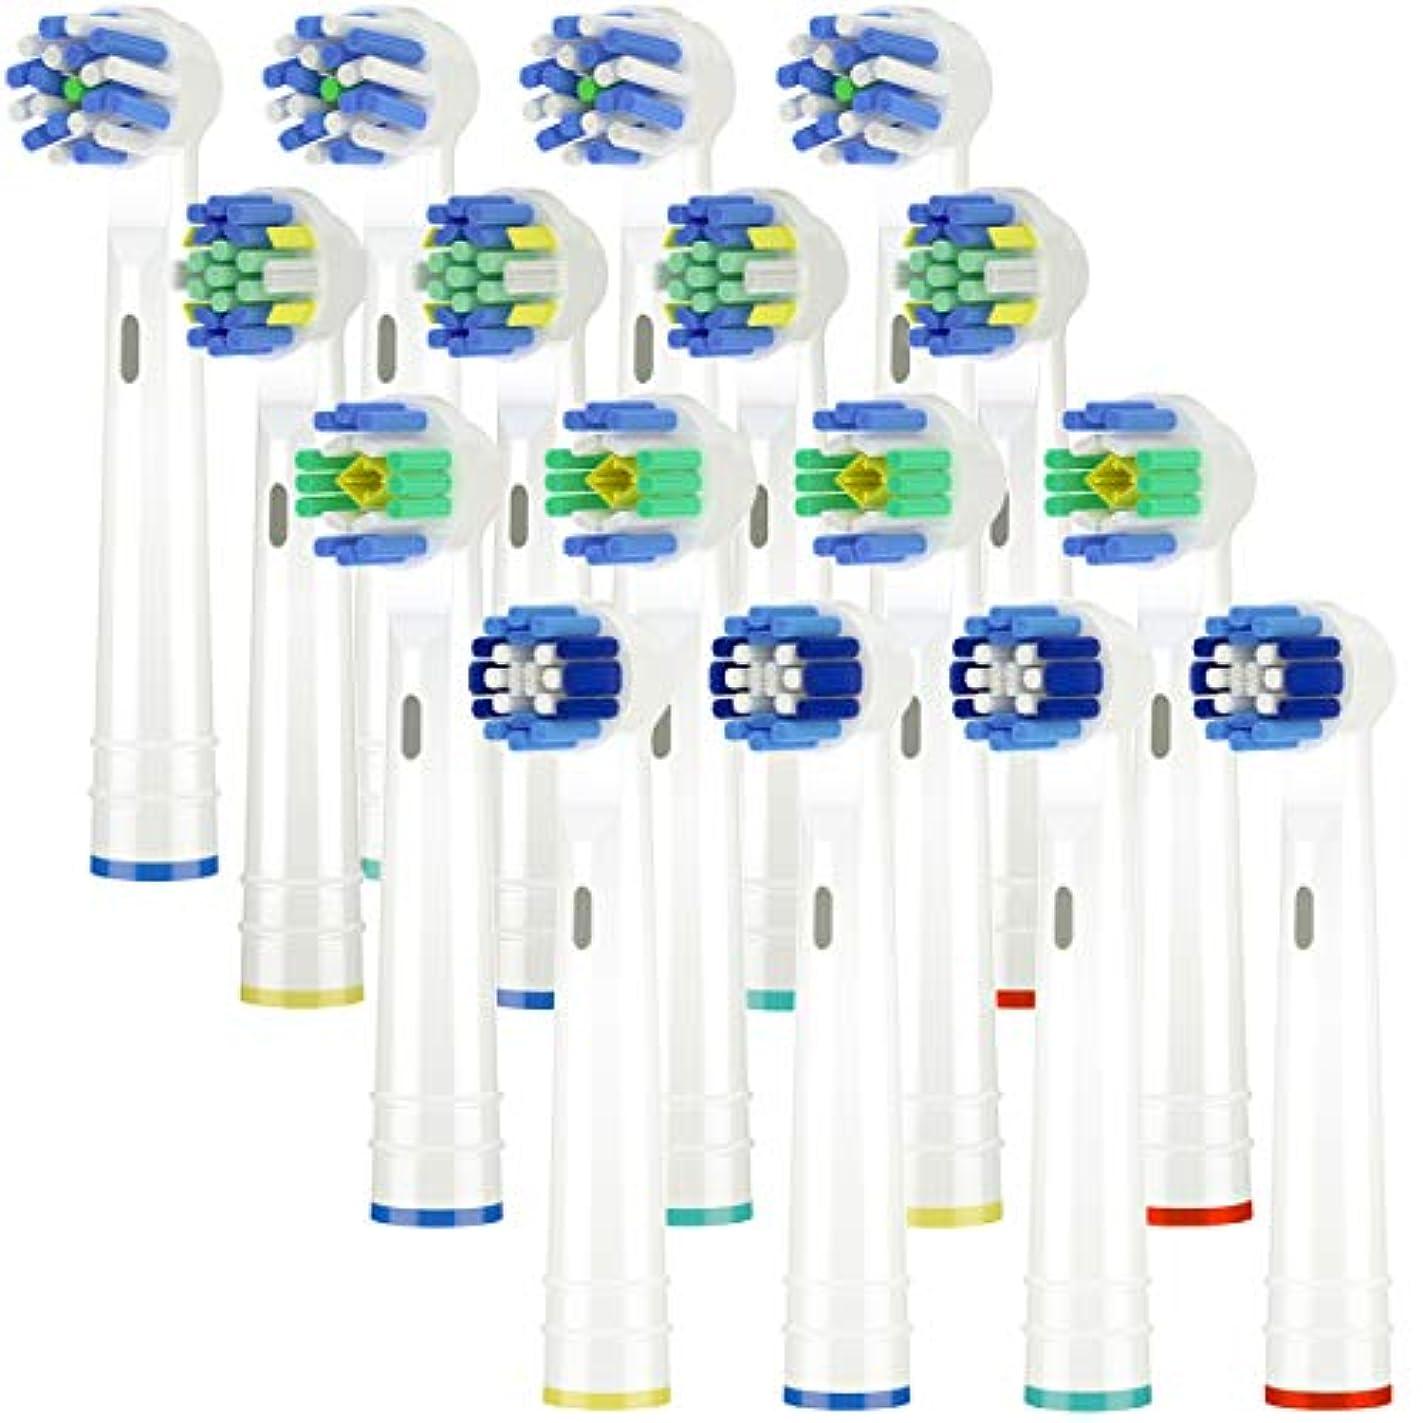 甘くする必要ない宇宙のItechnik 電動歯ブラシ 替えブラシ ブラウン オーラルB 対応 替えブラシ 4種類が入り:ホワイトニングブラシ 、ベーシックブラシ、歯間ワイパー付きブラシ、マルチアクションブラシ 凡用な16本